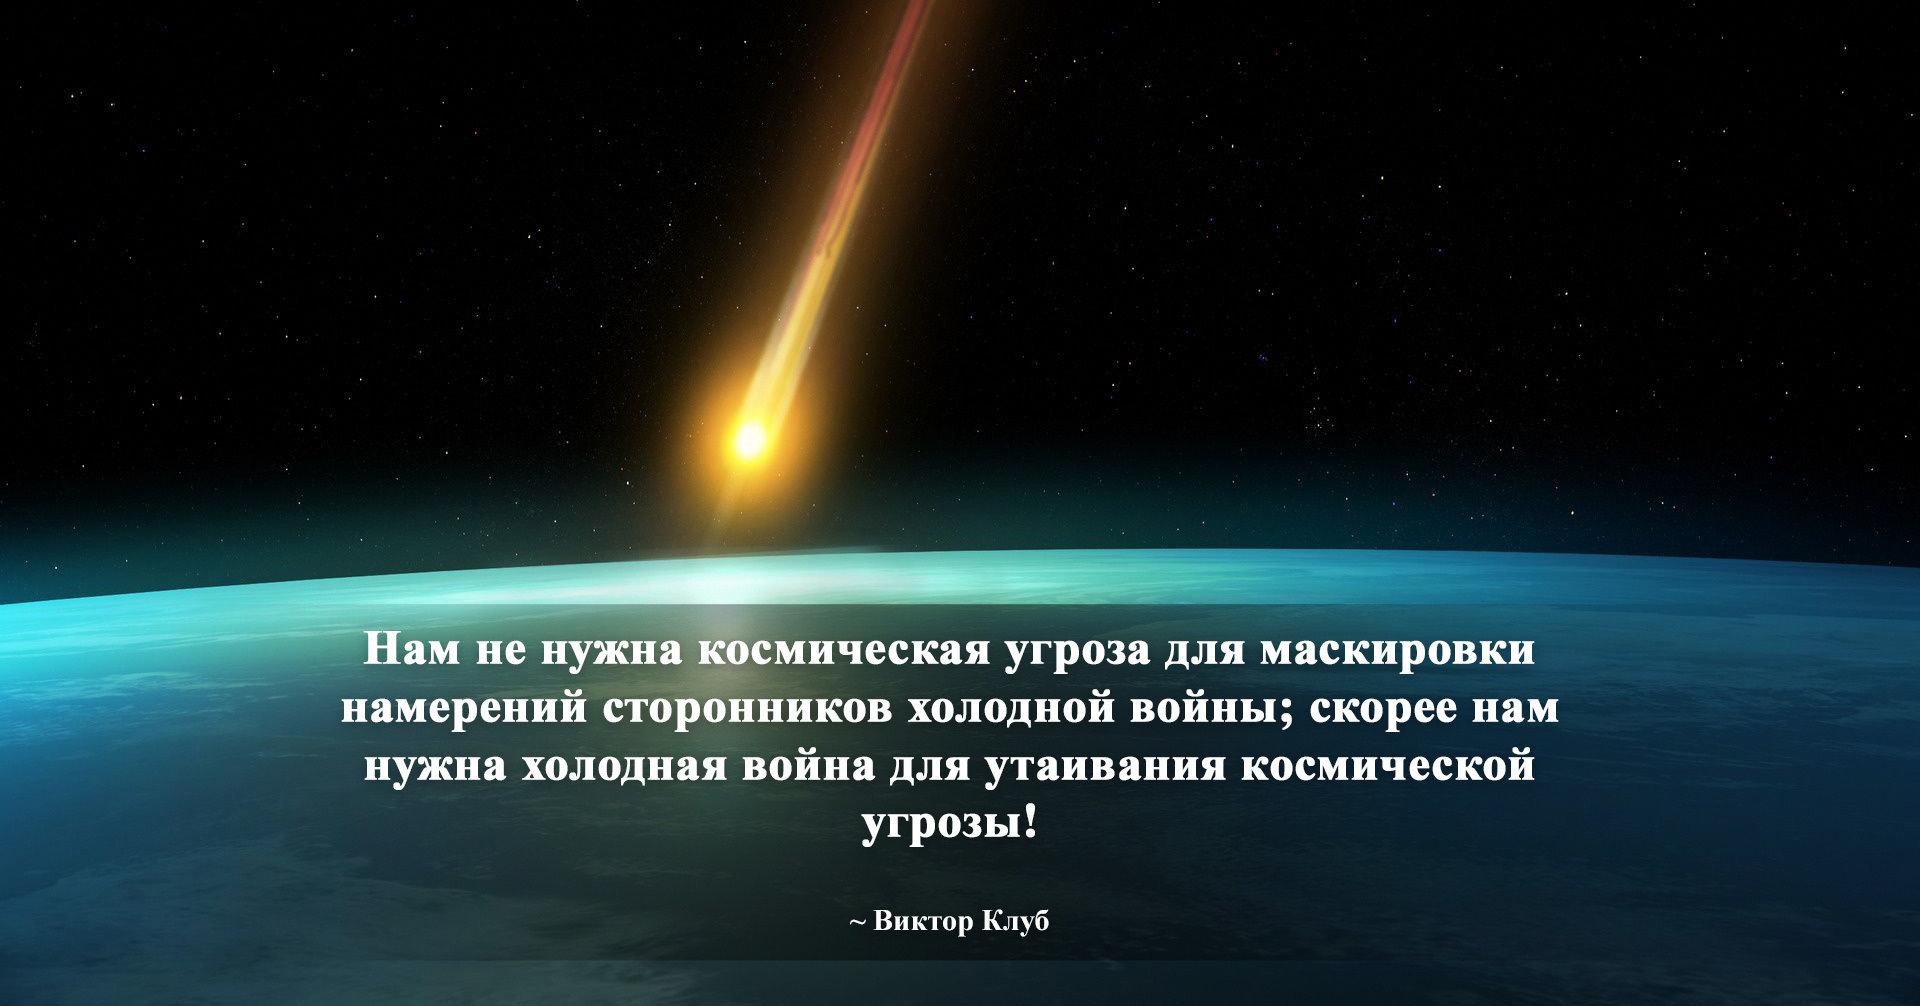 Опасность метеоритов и комет для человеческой цивилизации -- Sott.net